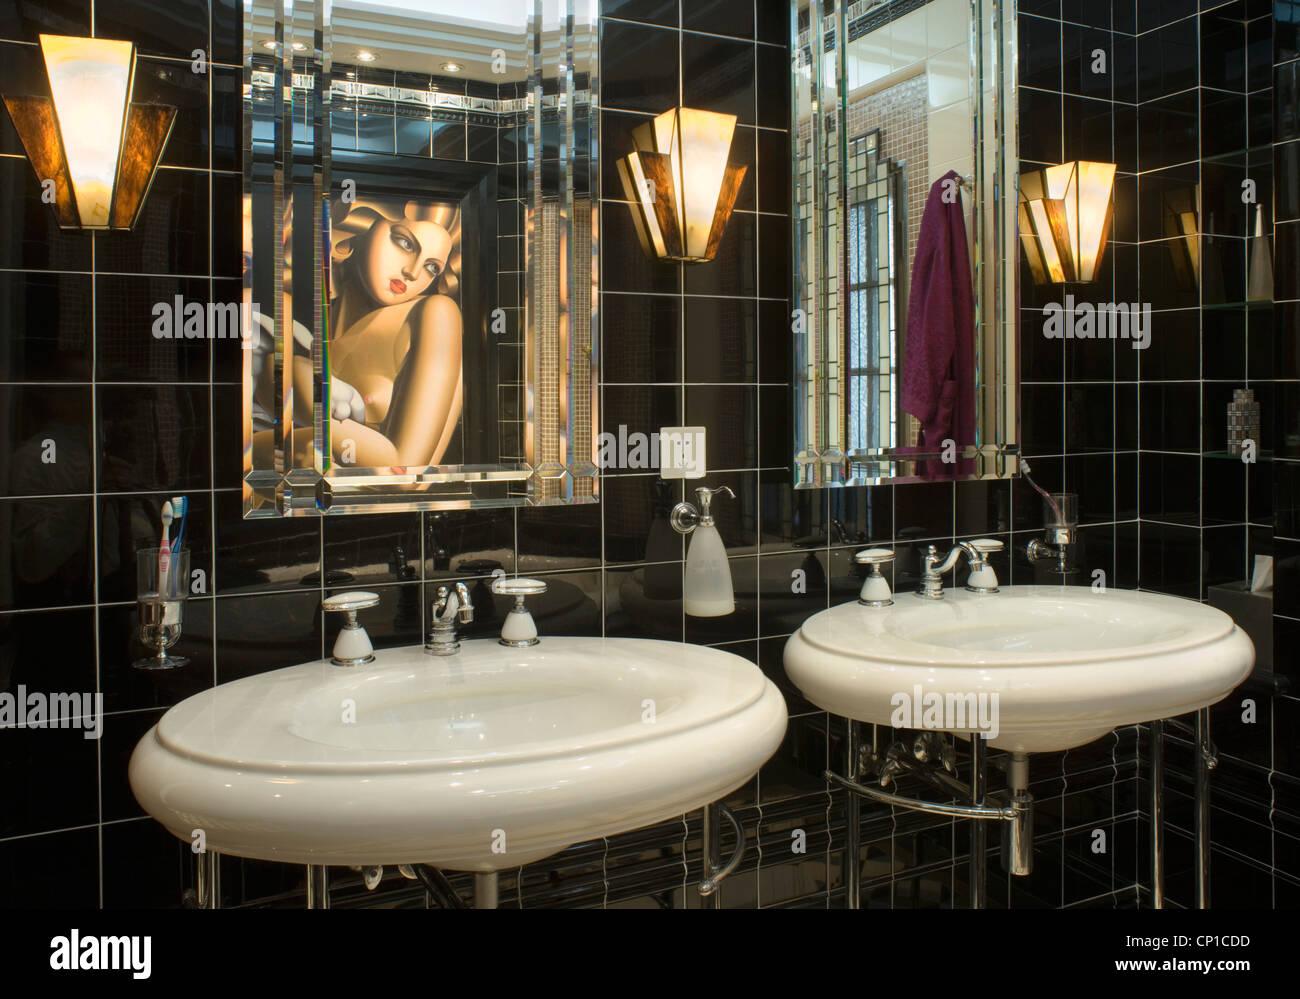 Vor Kurzem Renoviertes Badezimmer Im Art Deco Stil Der 1930er Jahre